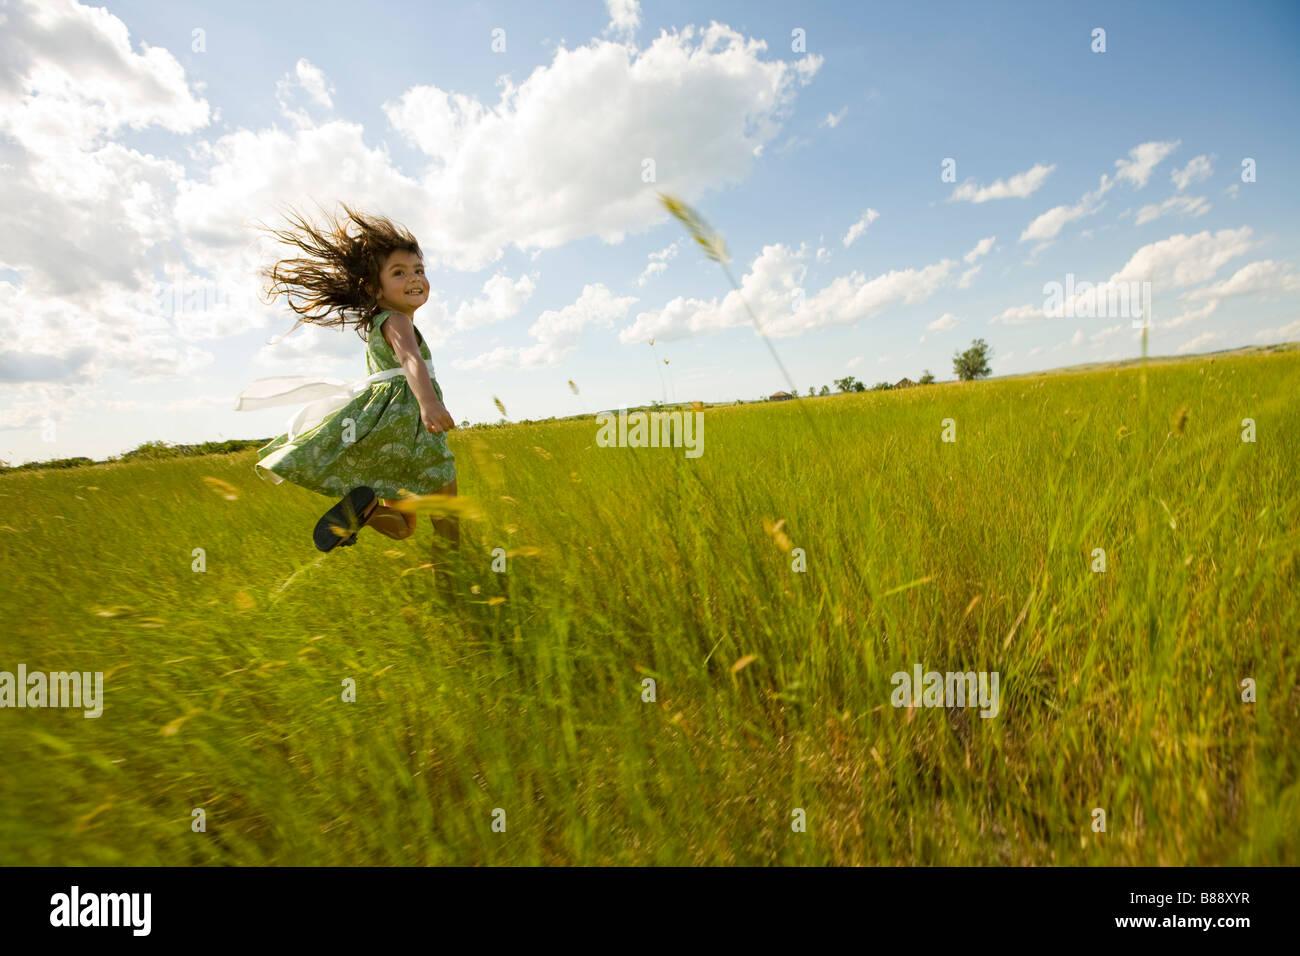 2e131dc41dc8c7 Mädchen läuft über eine Wiese in North Dakota Stockfoto